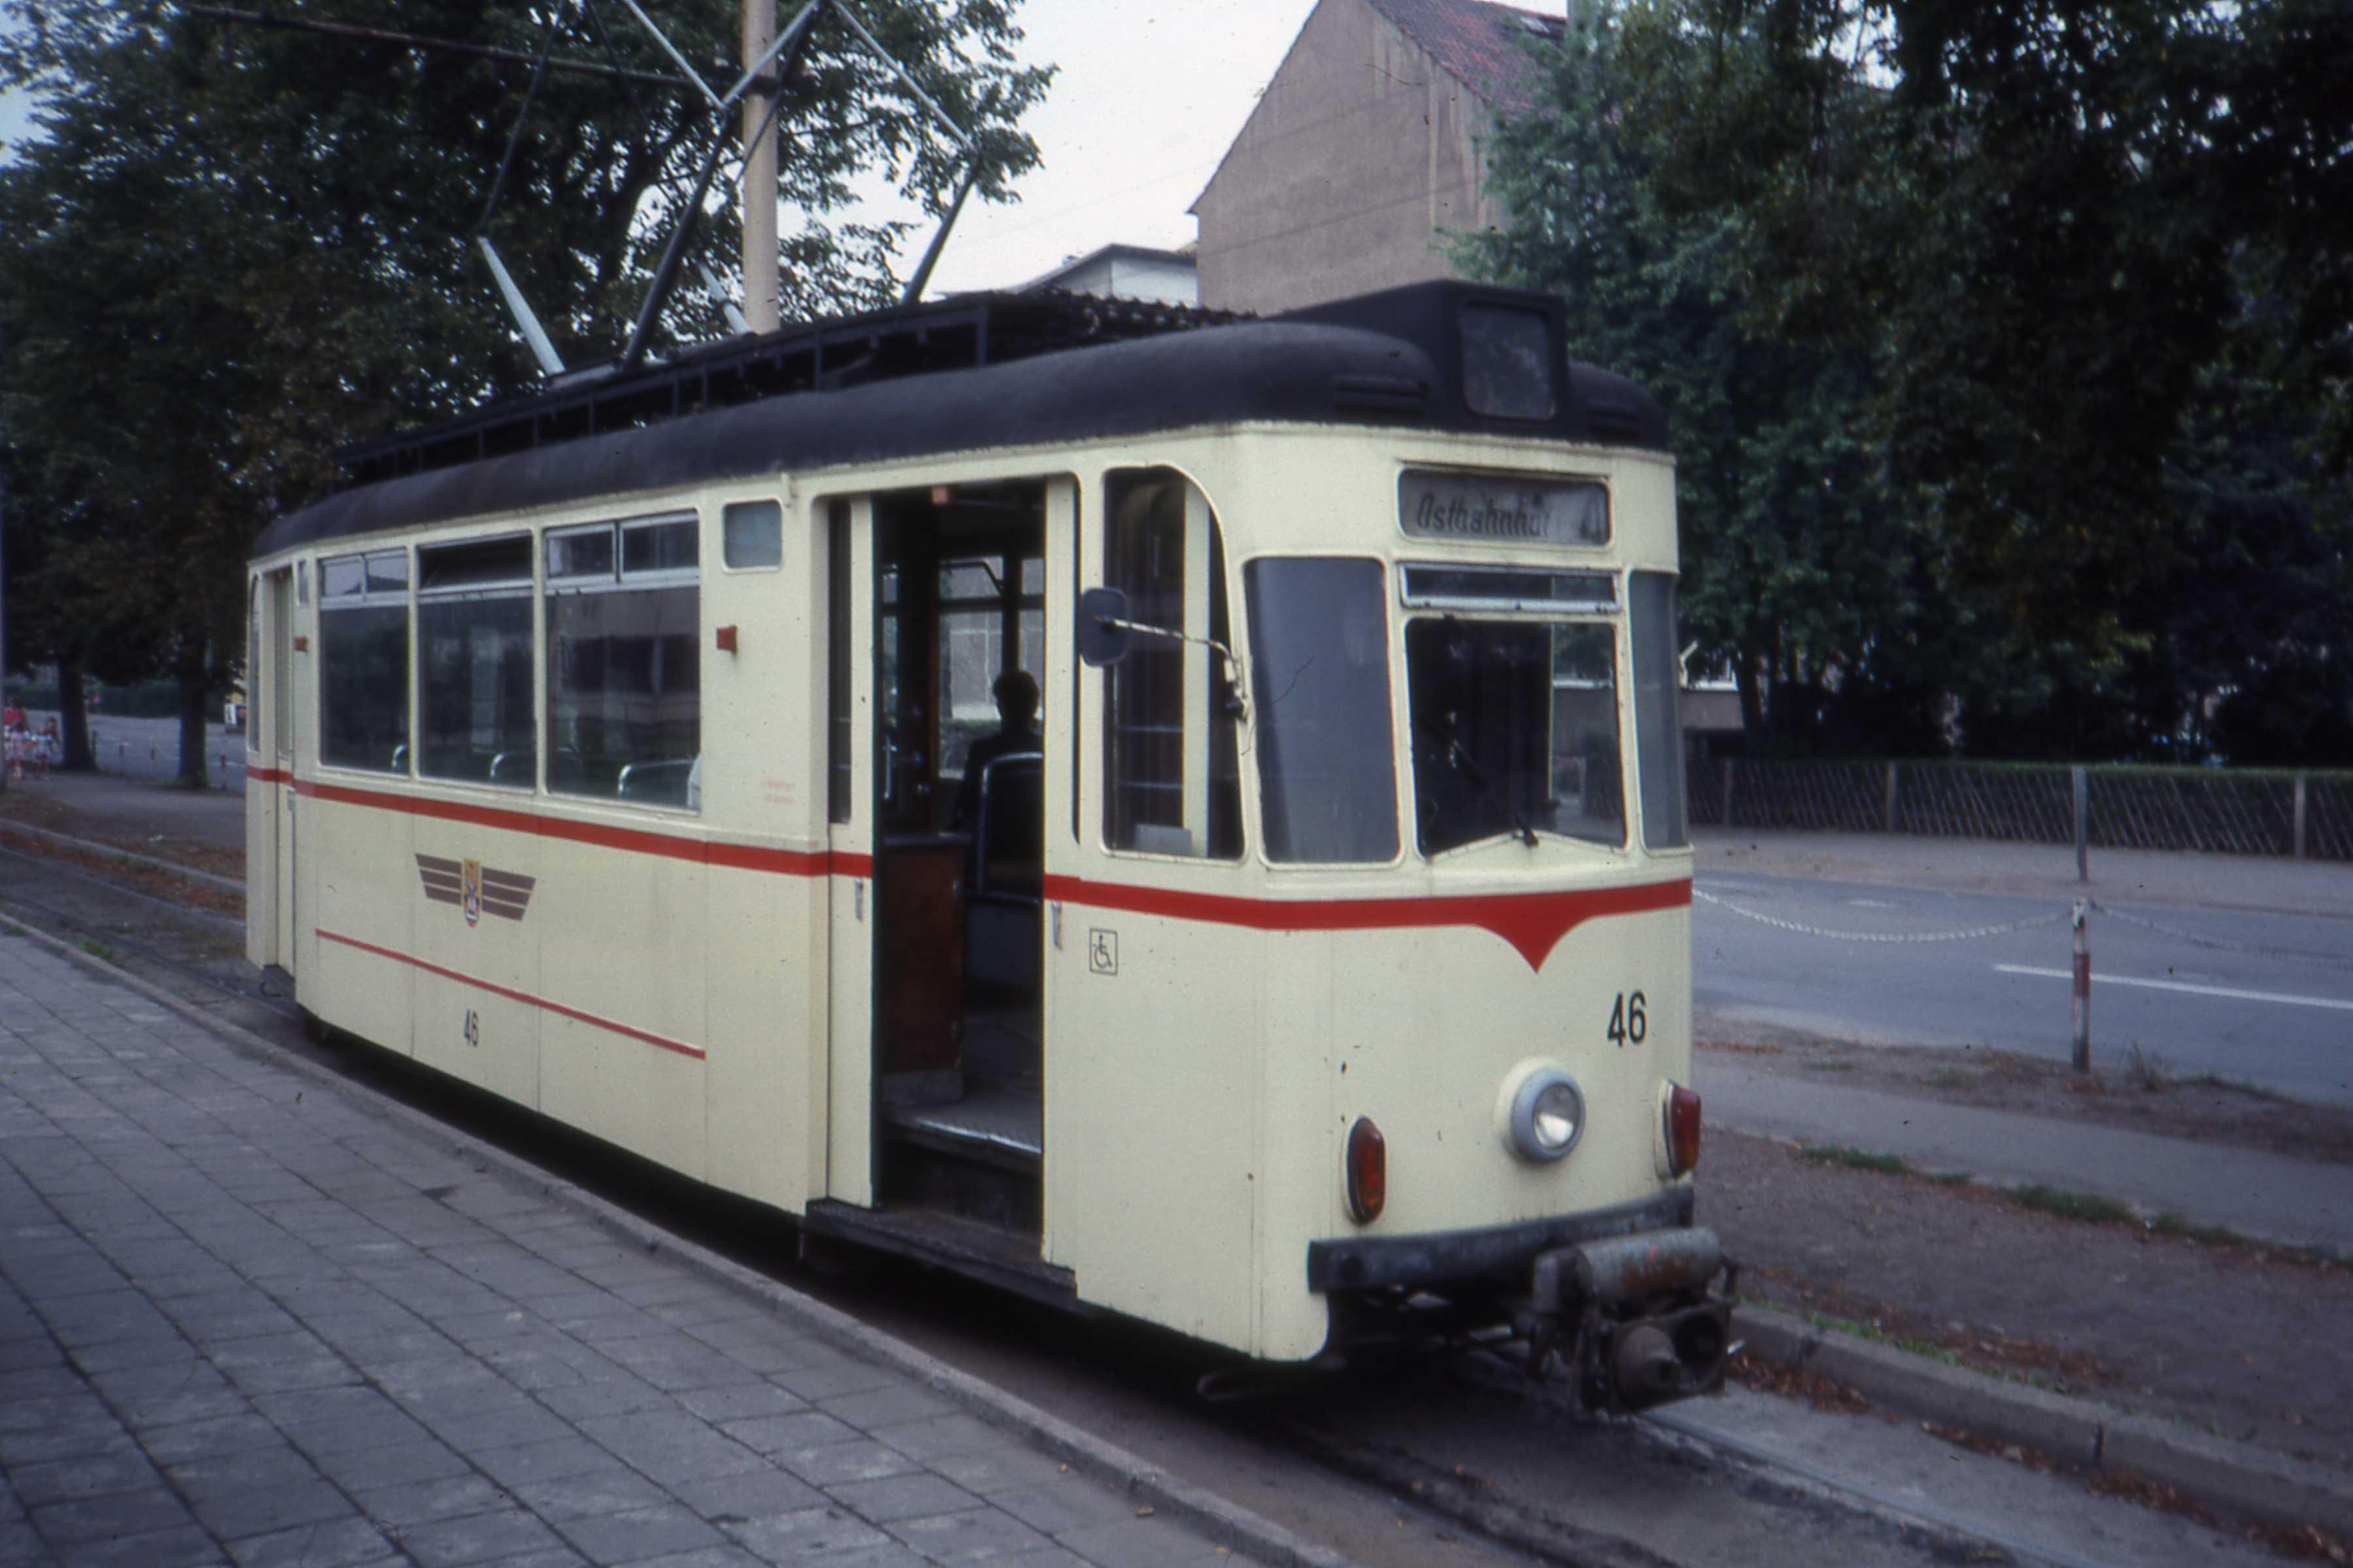 Ostbahnhof_Gotha,_DDR._Gotha_tram_nr_46.